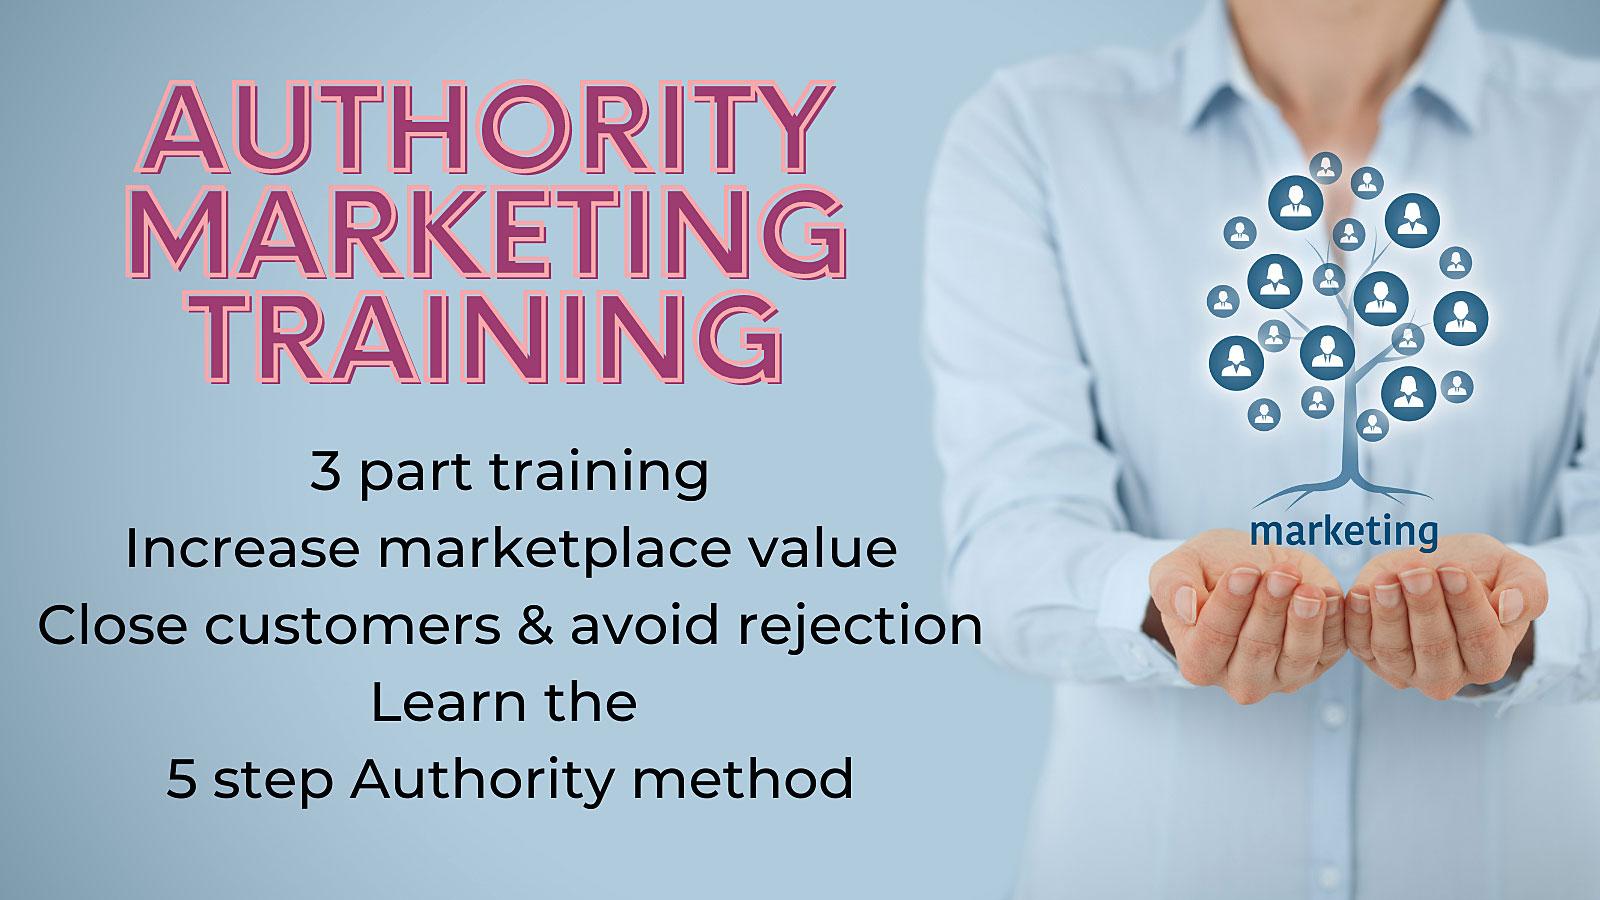 Authority Marketing Training